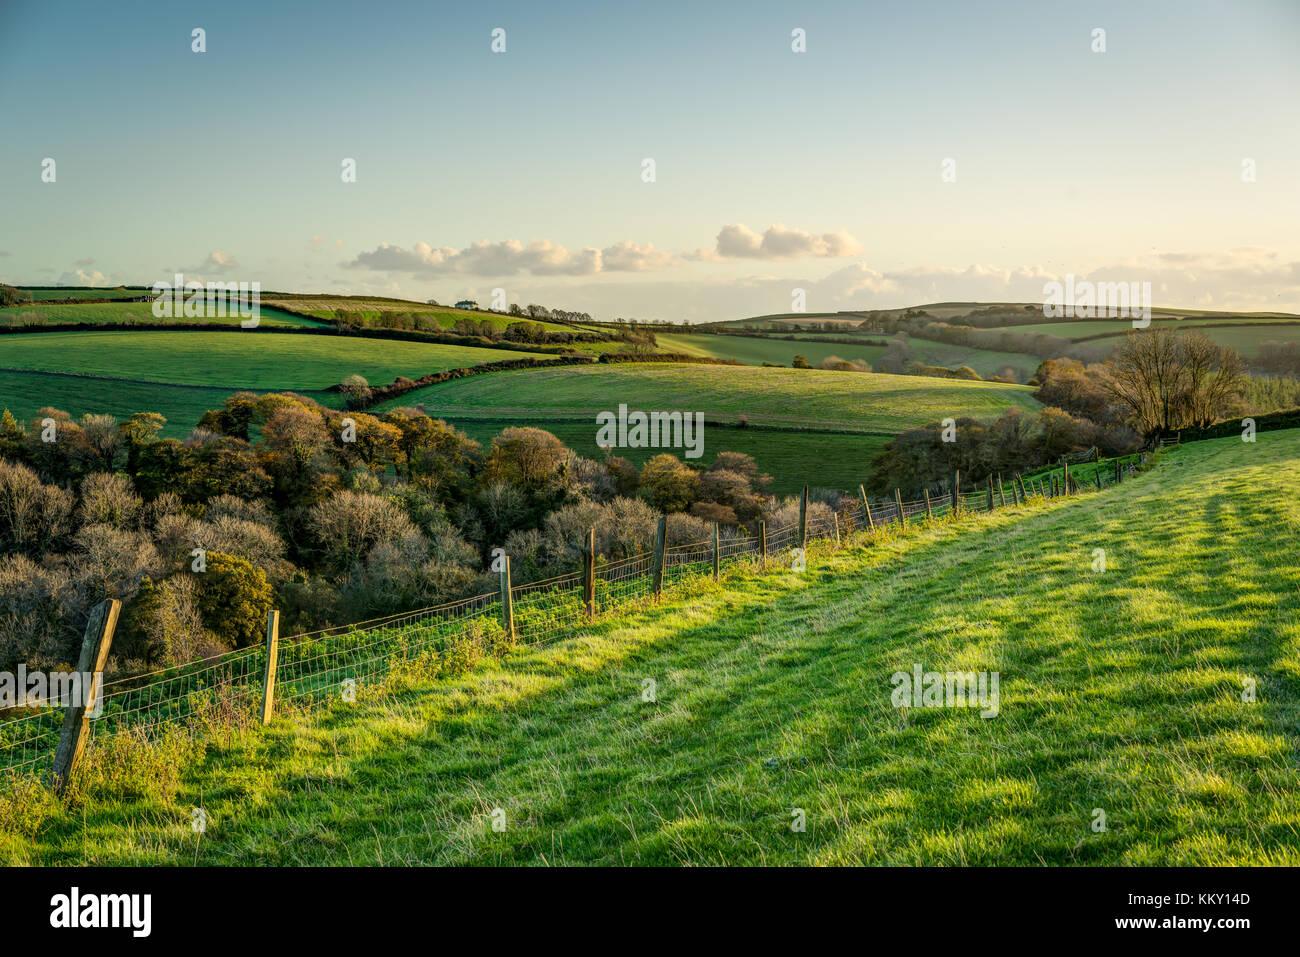 Una escena otoñal a través de rolling cornish cultivables, una valla teniendo su ojo a través de campos de hierba y árboles hacia la costa en el sol de la tarde. Foto de stock